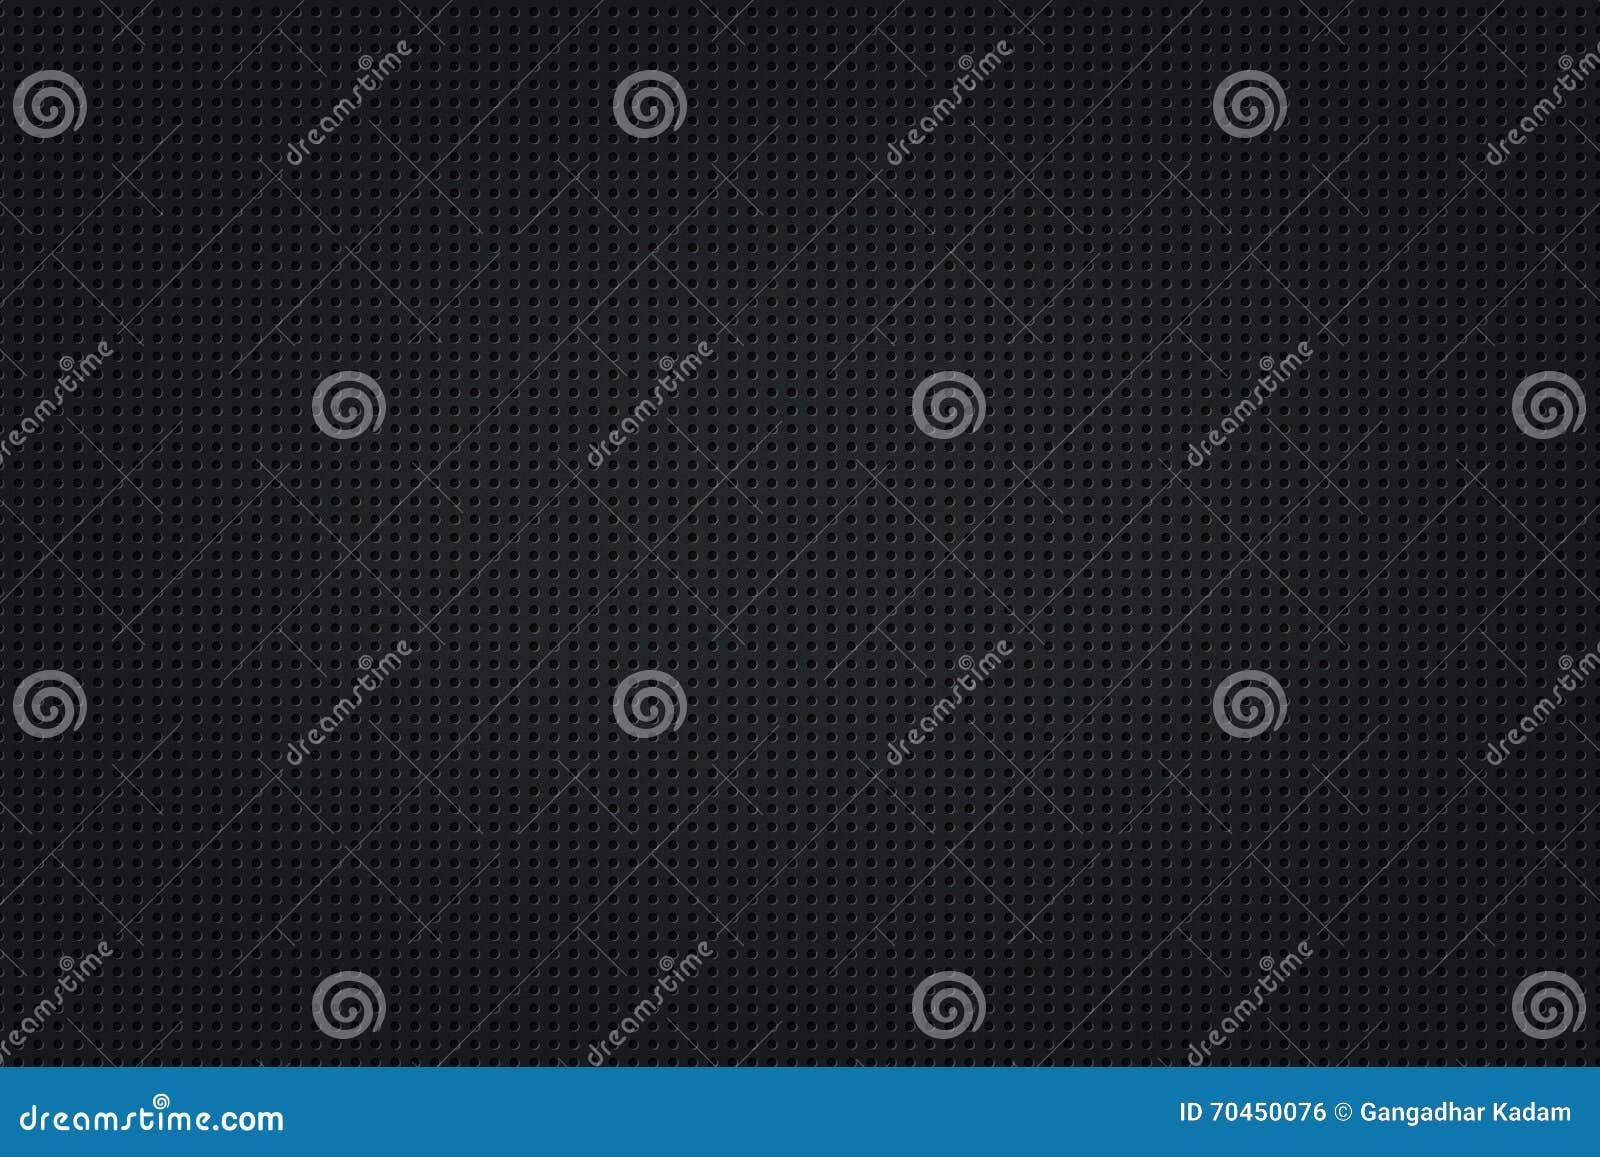 Minimal Dark Patterns Design Backgrounds Texture